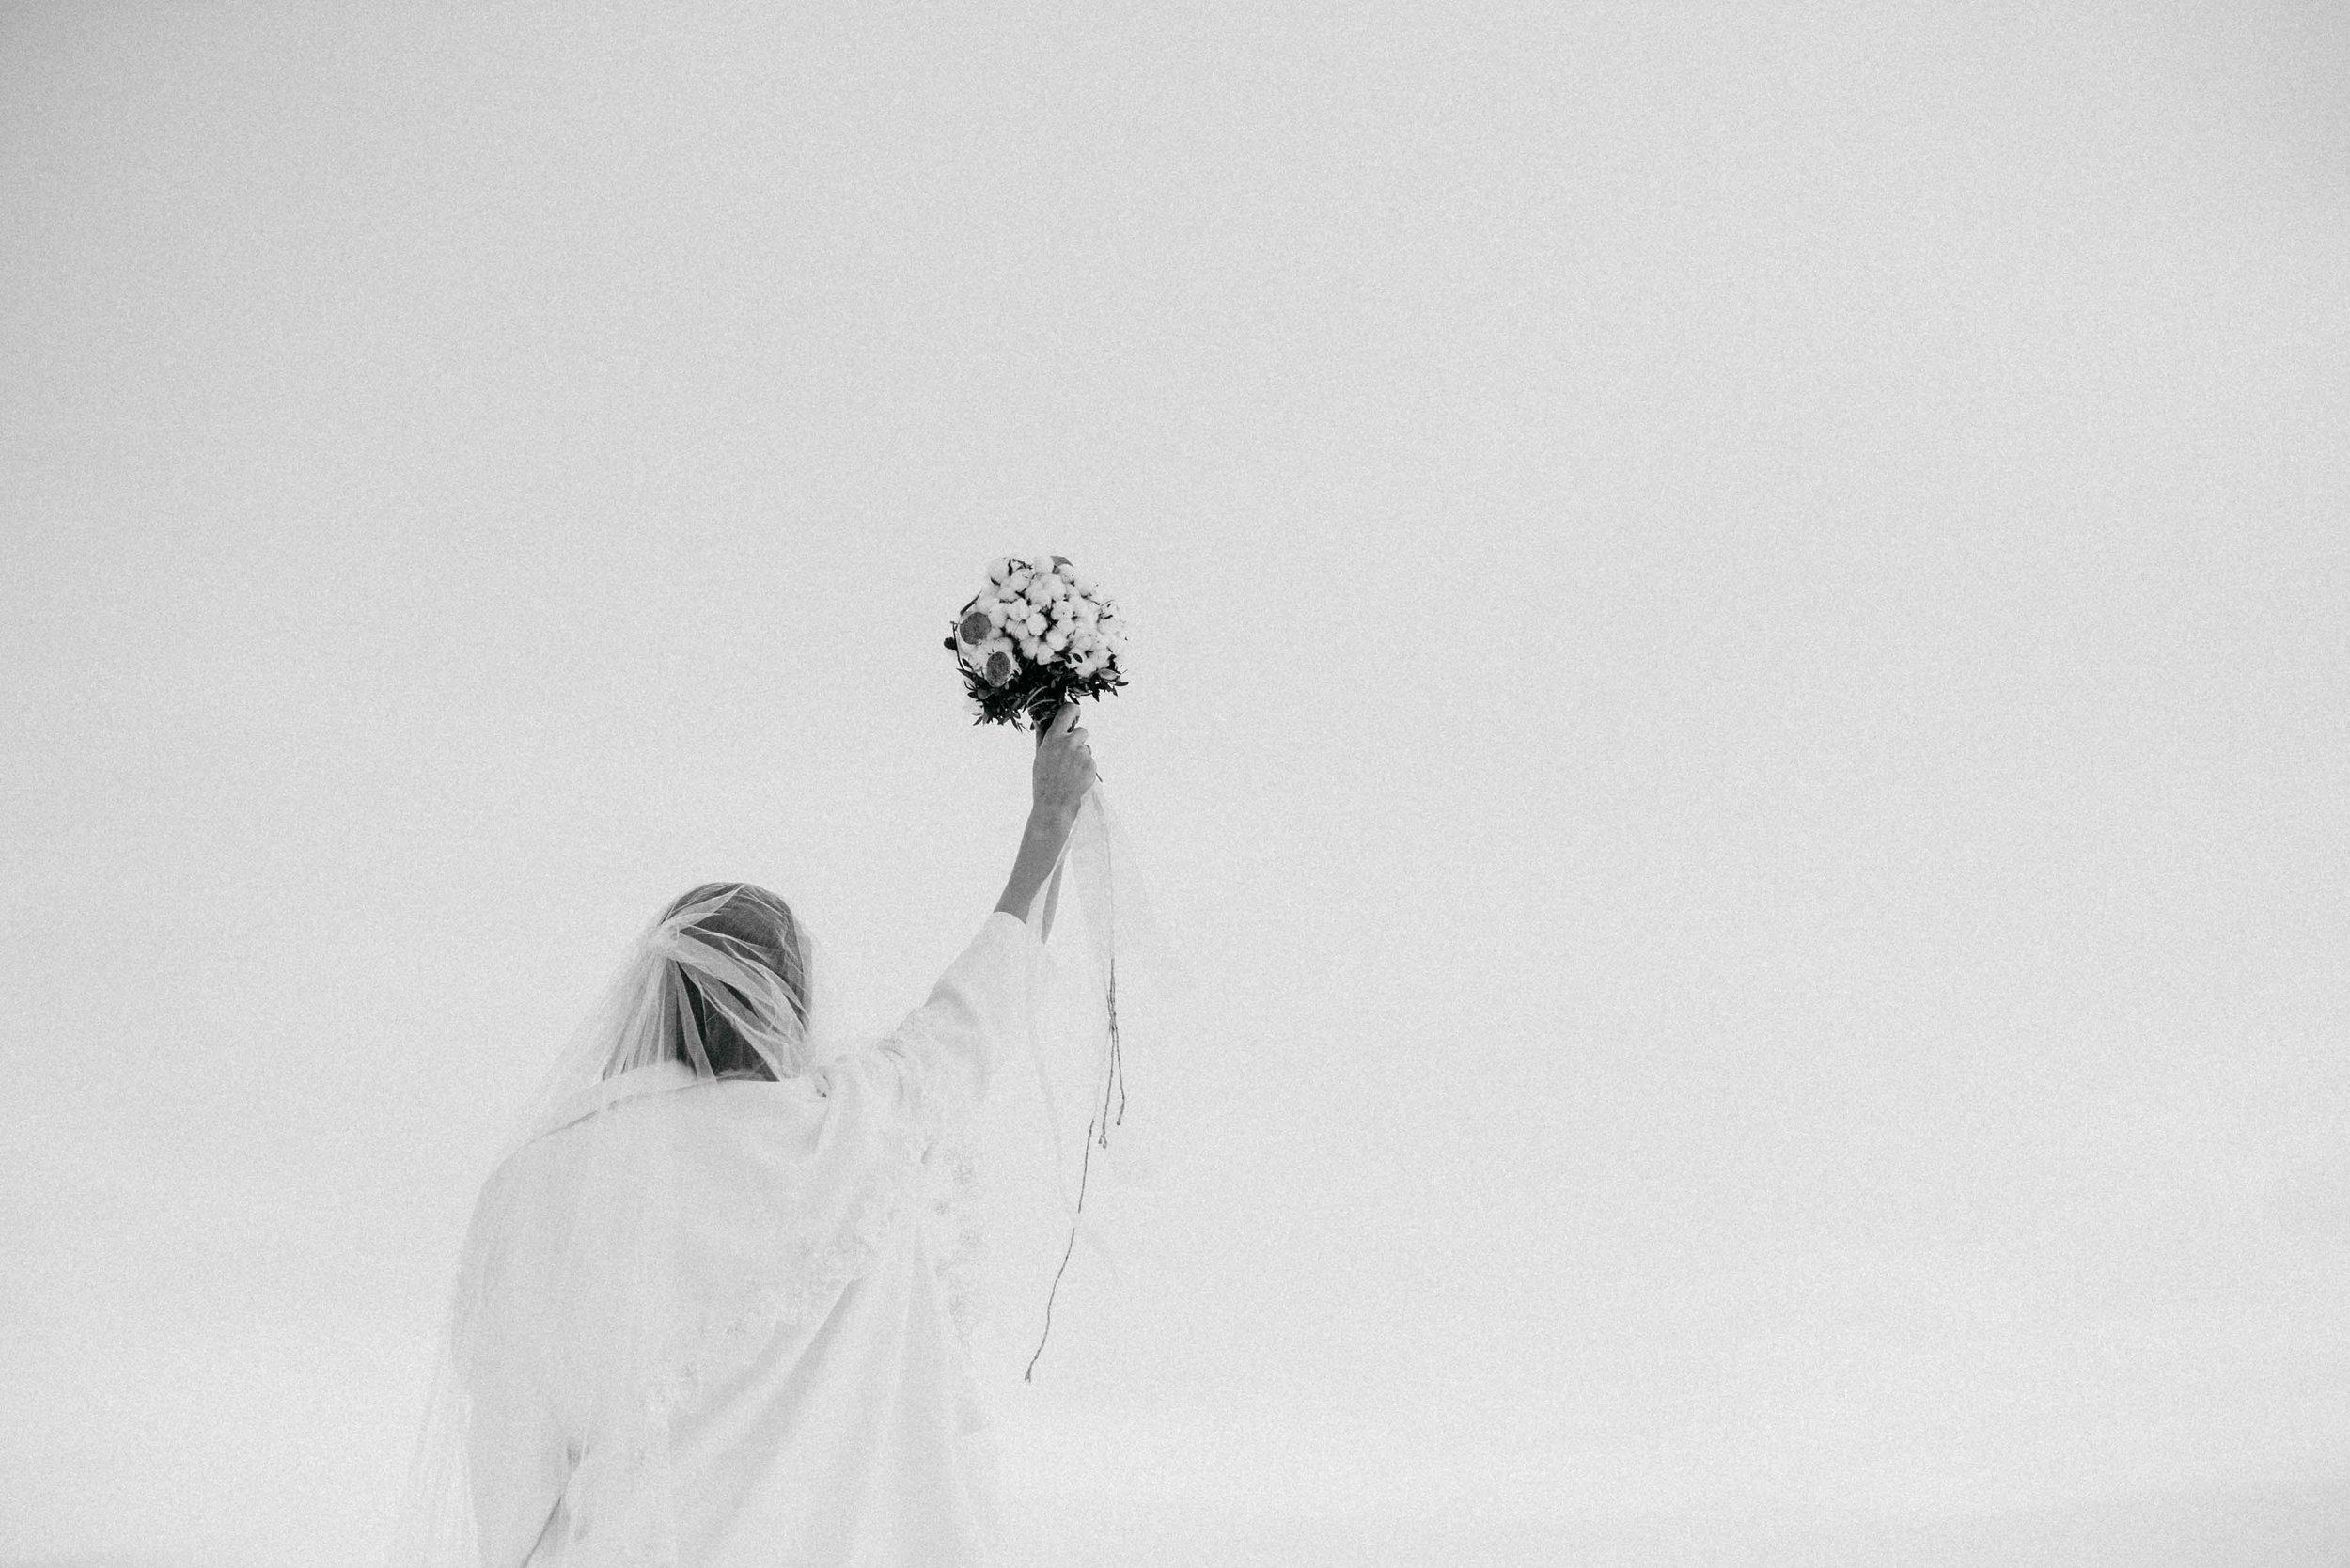 Snow Bride Winterhochzeit Schnne Braut-2920.jpg